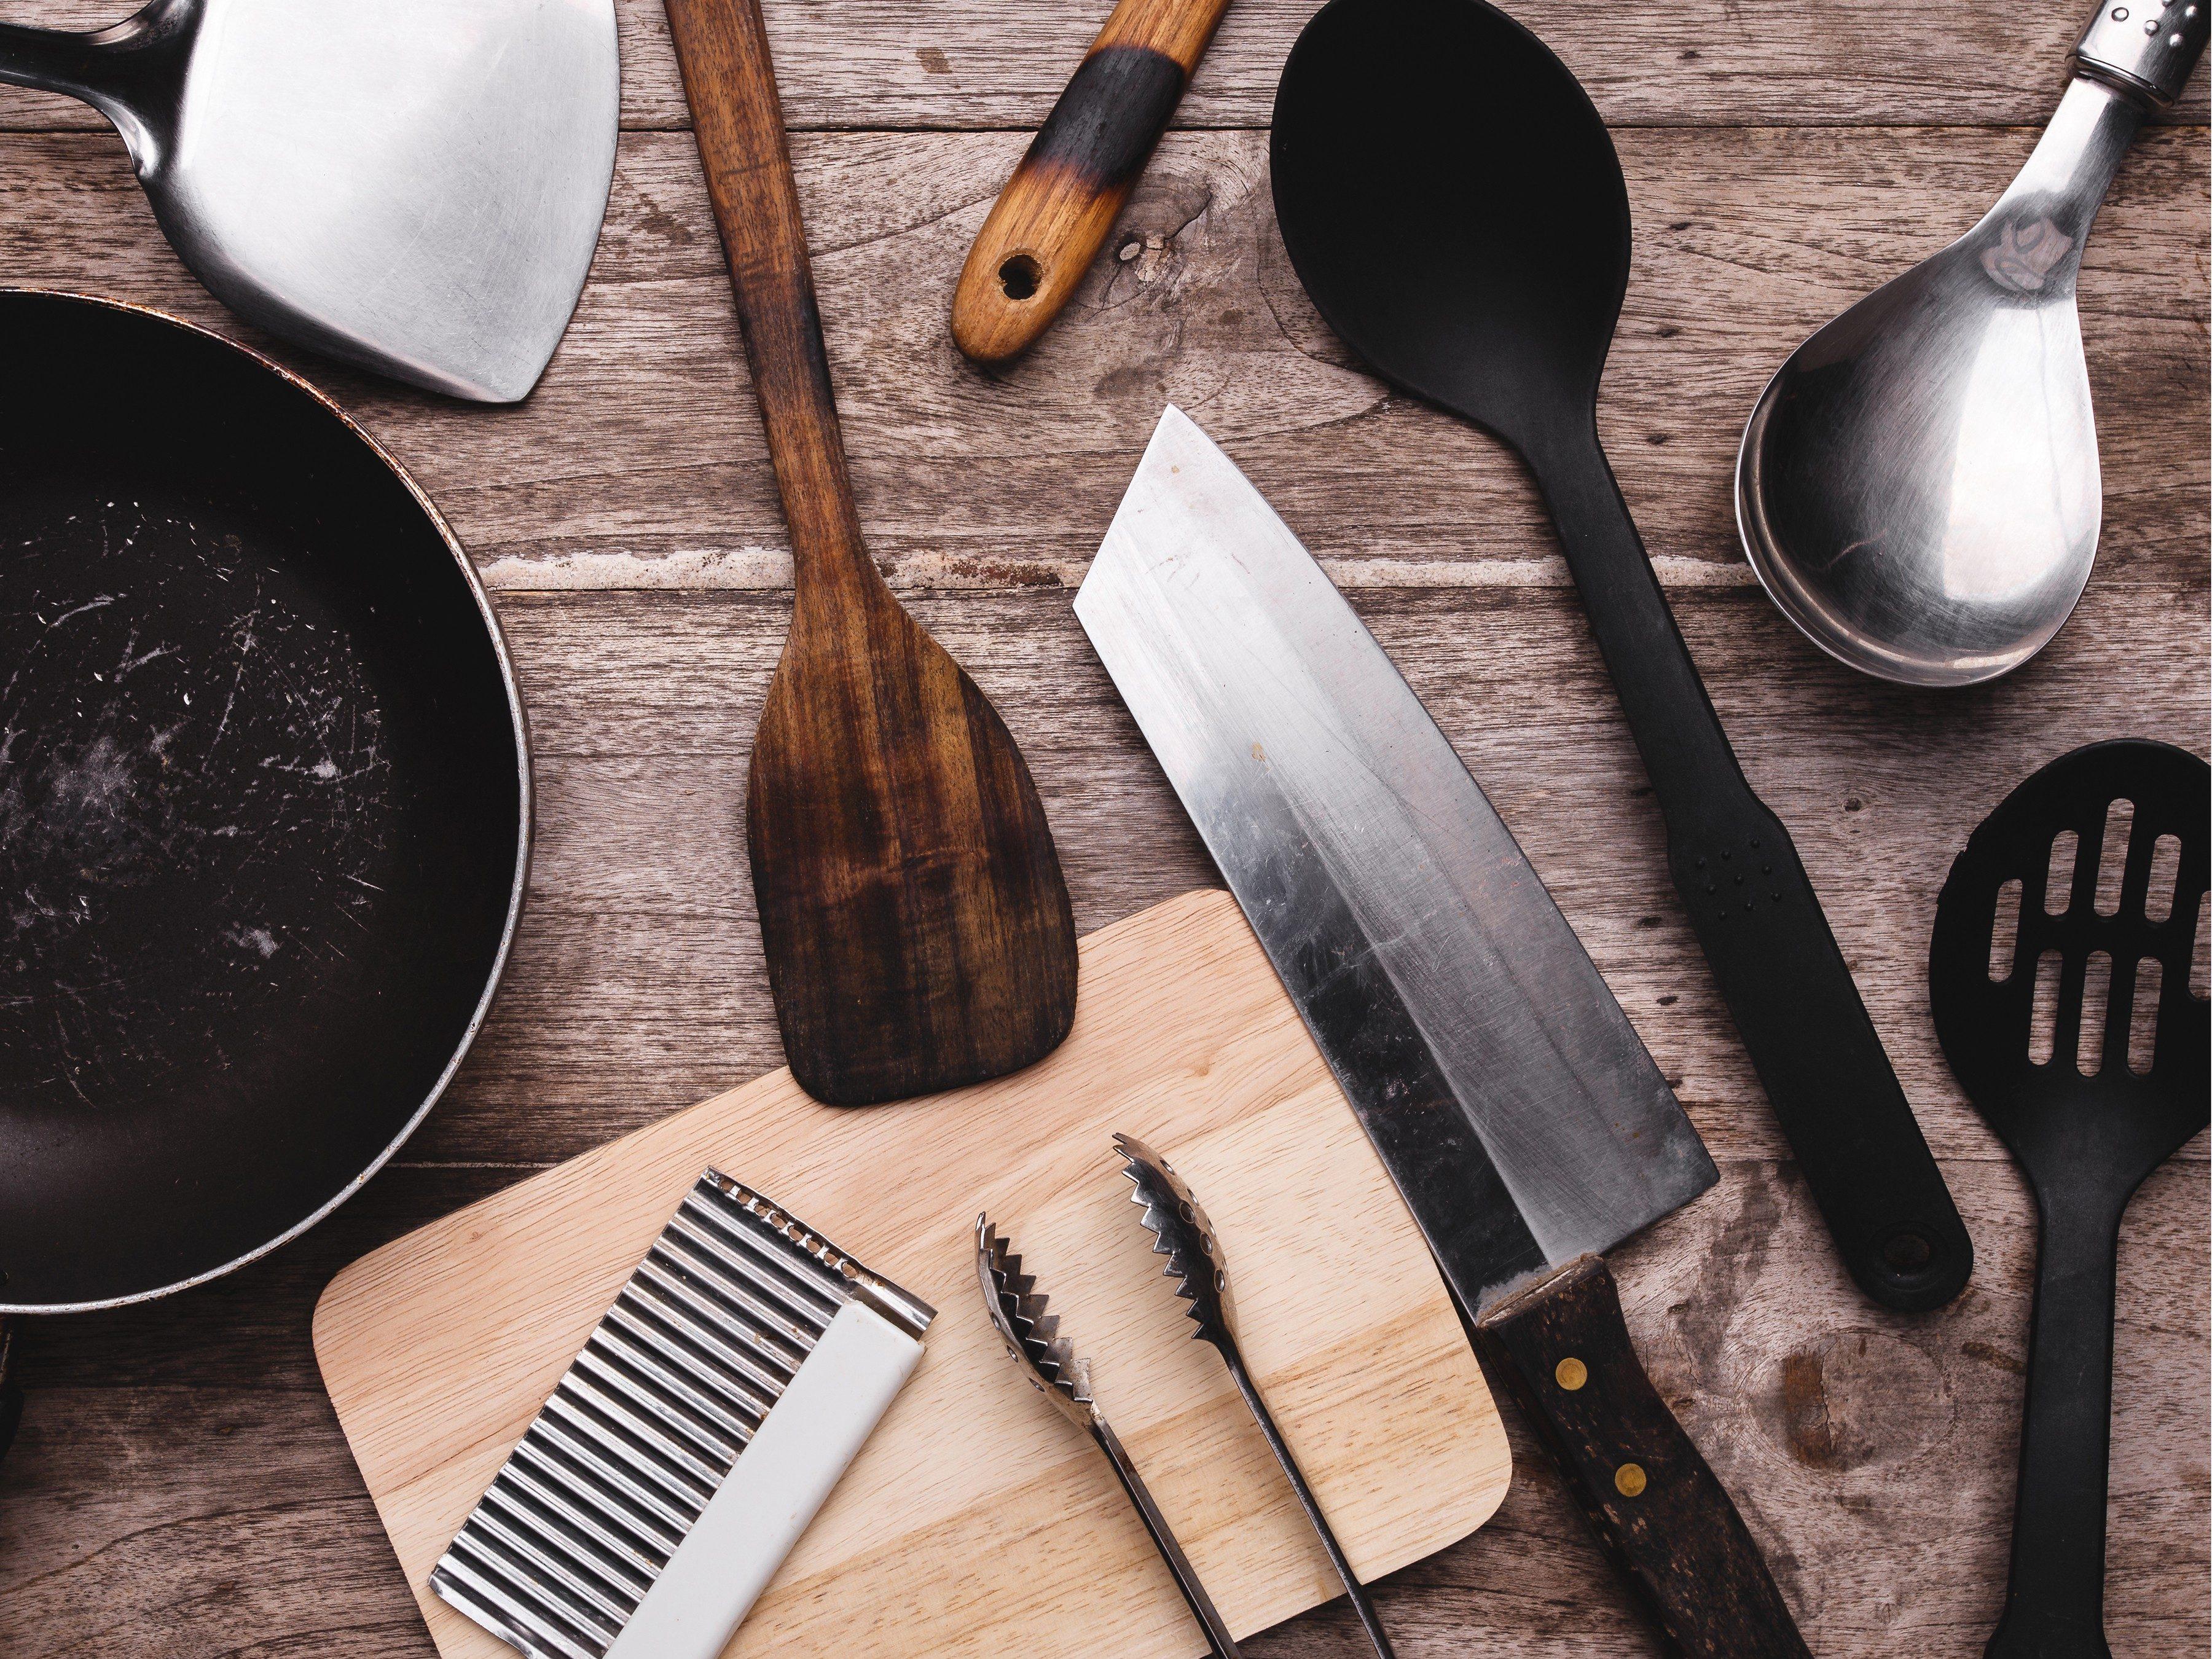 Great Garage Sale Find: Kitchenware